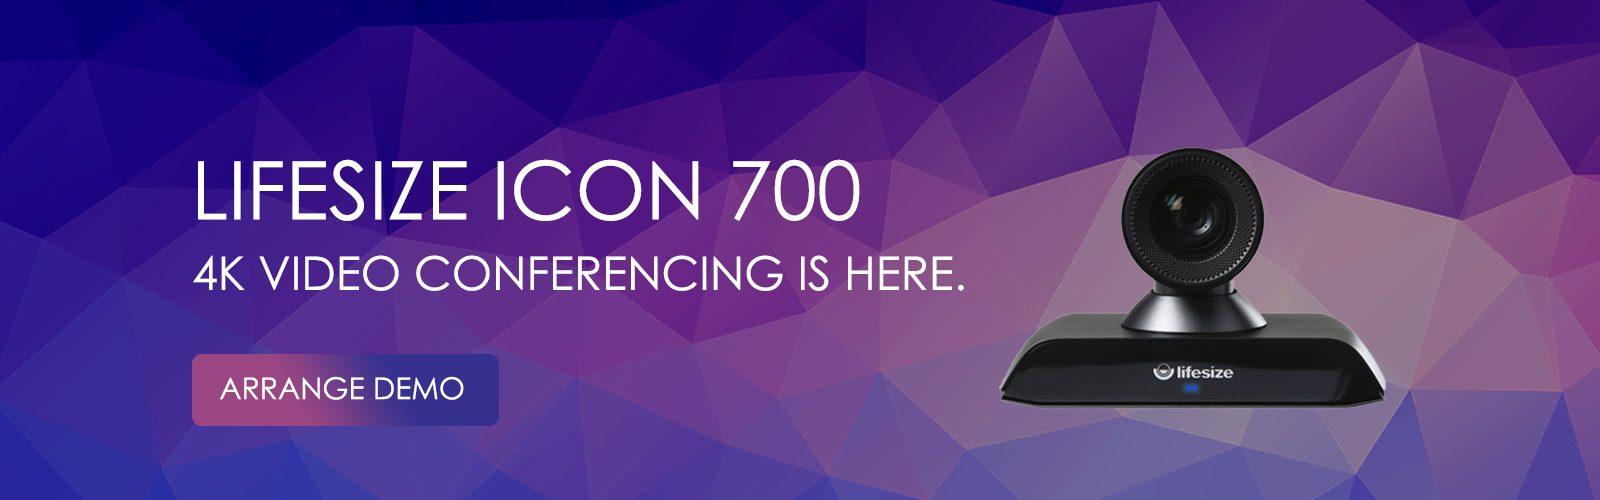 Lifesize Icon 700 4K